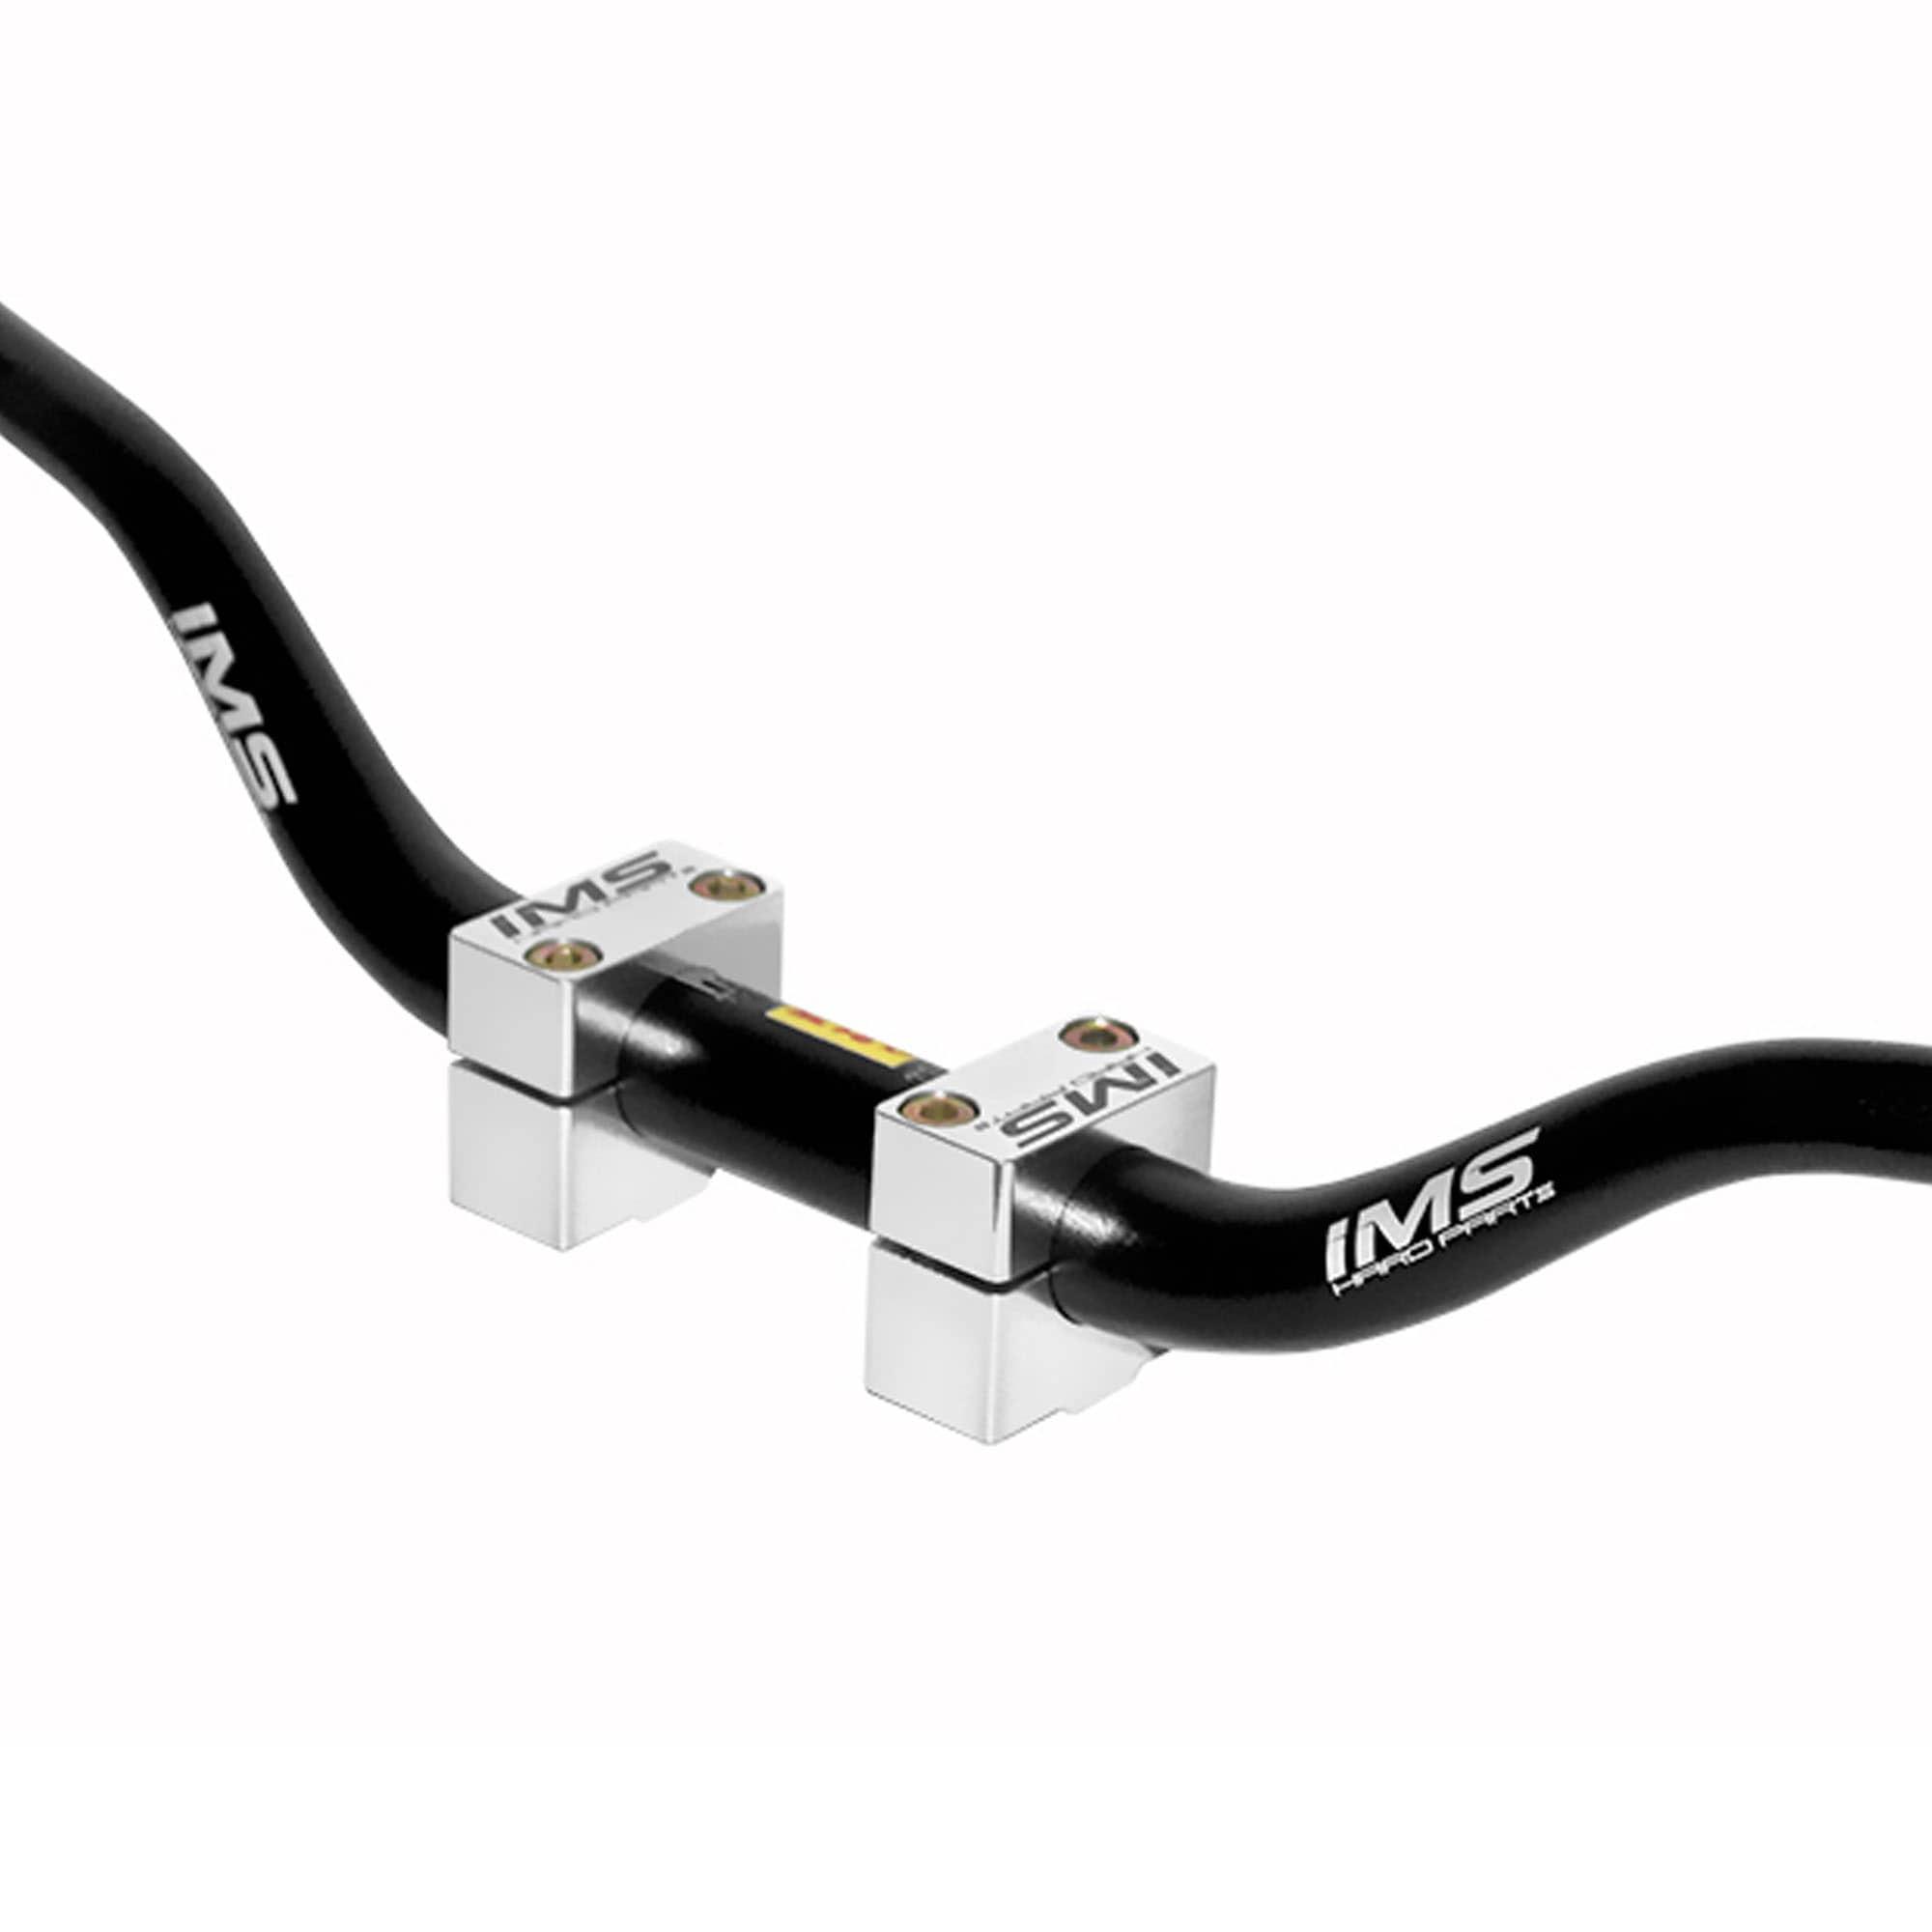 Guidão IMS Light T6 Alto 31,75MM (Com Adaptador)  - HP Race Off Road